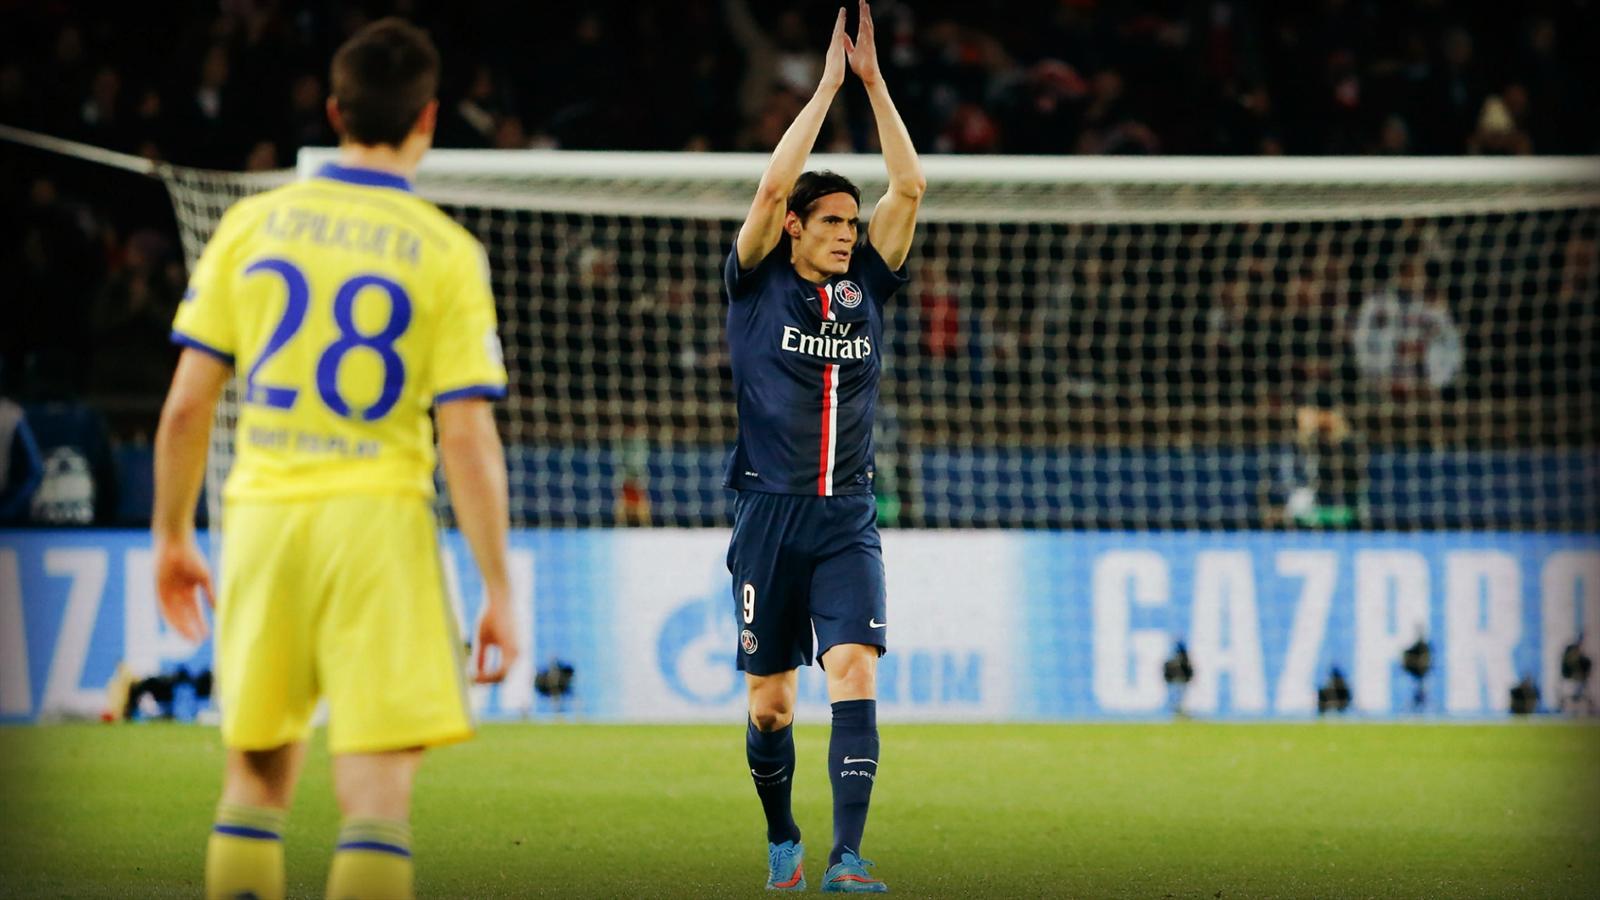 PSG-Chelsea : Edinson Cavani a enfin vécu son grand soir avec Paris, il était temps